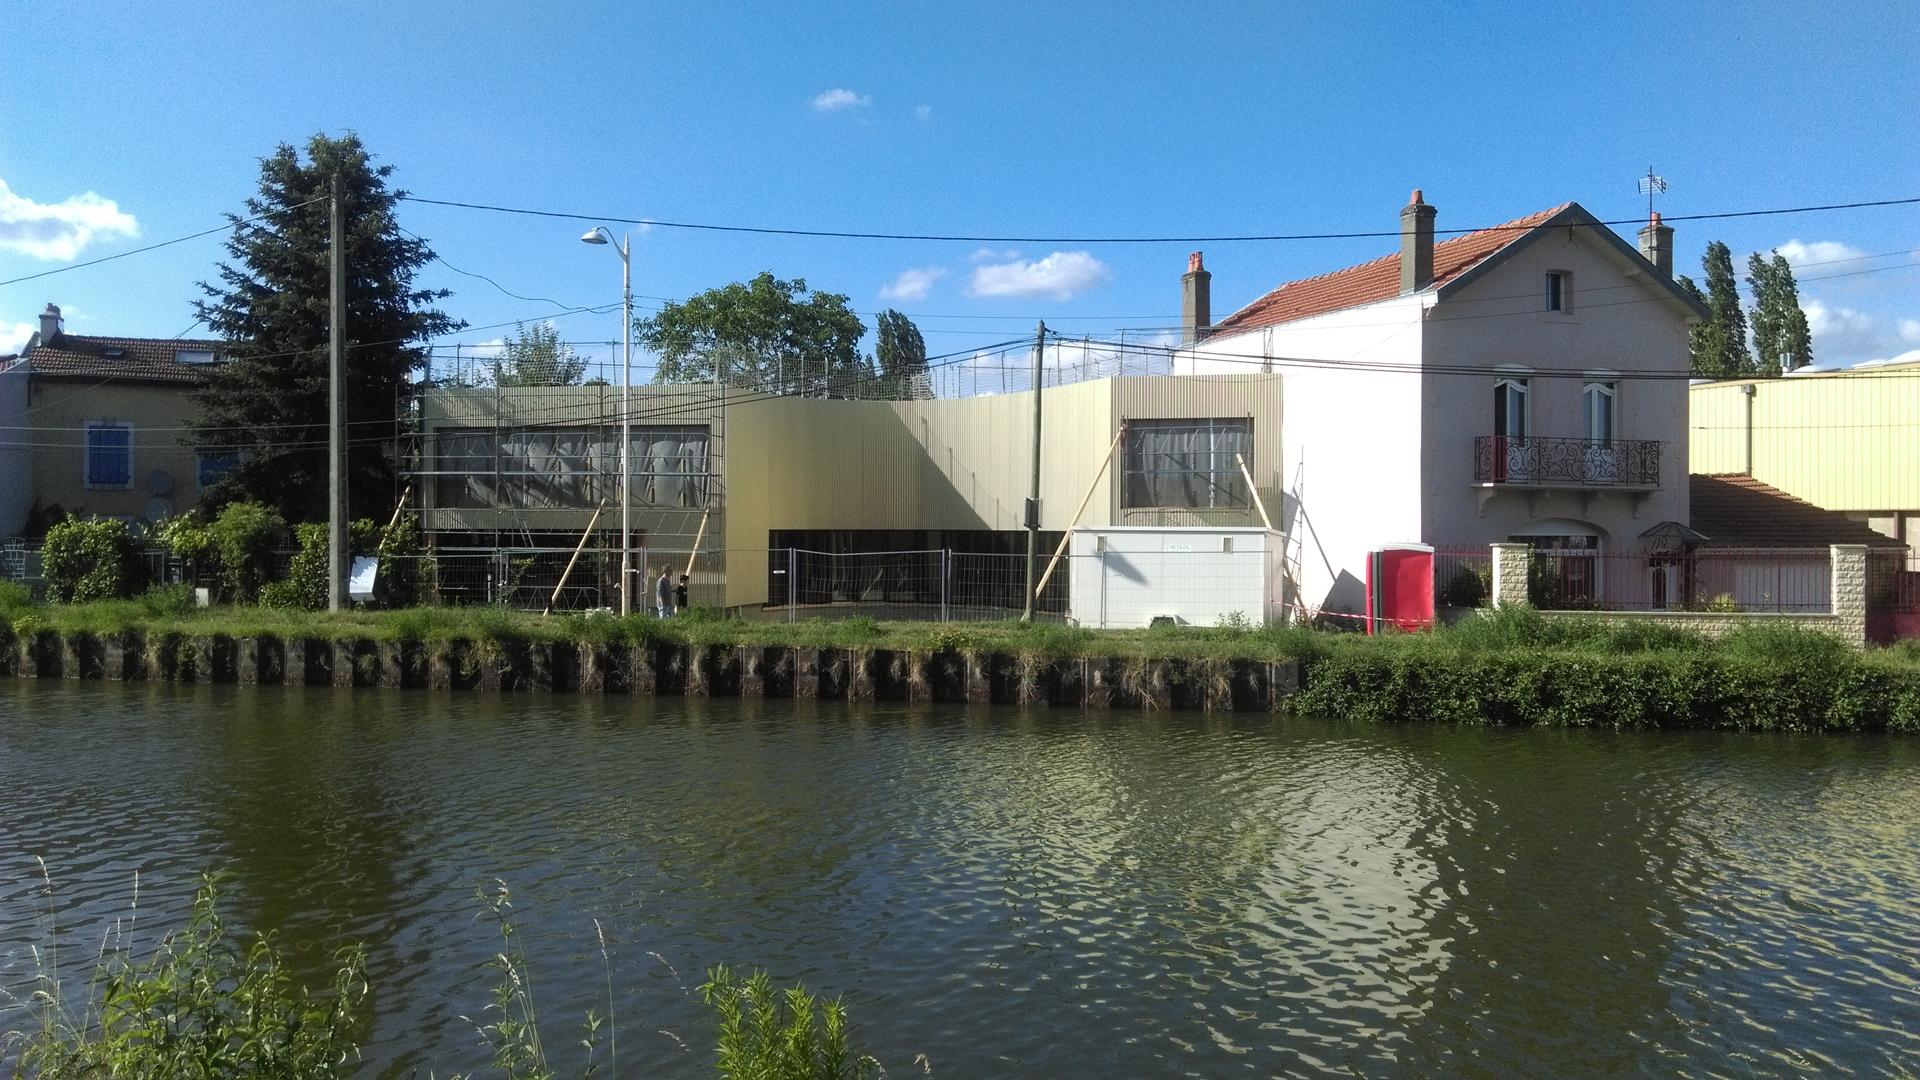 Maison d'habitation Meurthe-et-Moselle